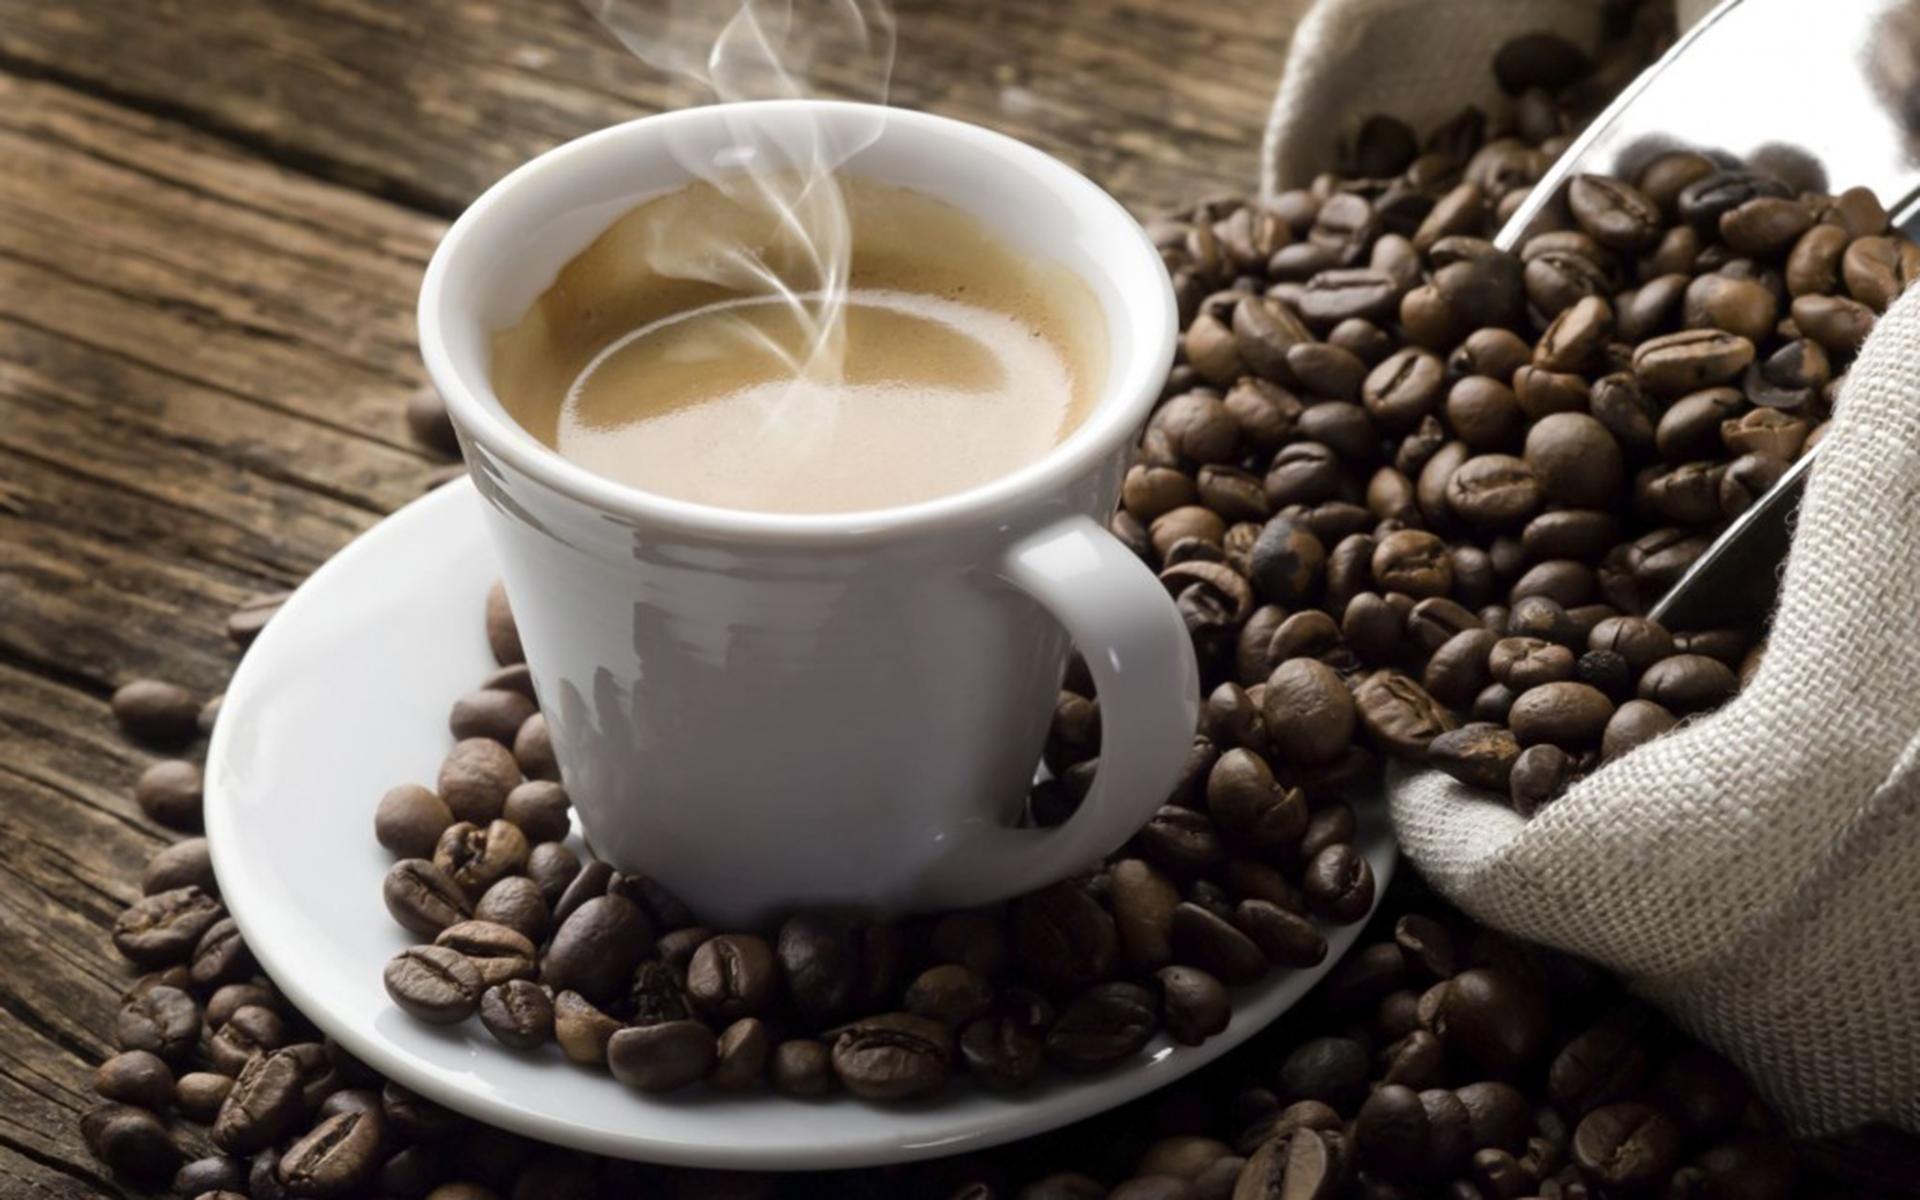 sănătatea cafelei beneficiază de pierdere în greutate lasagna bună pentru pierderea în greutate